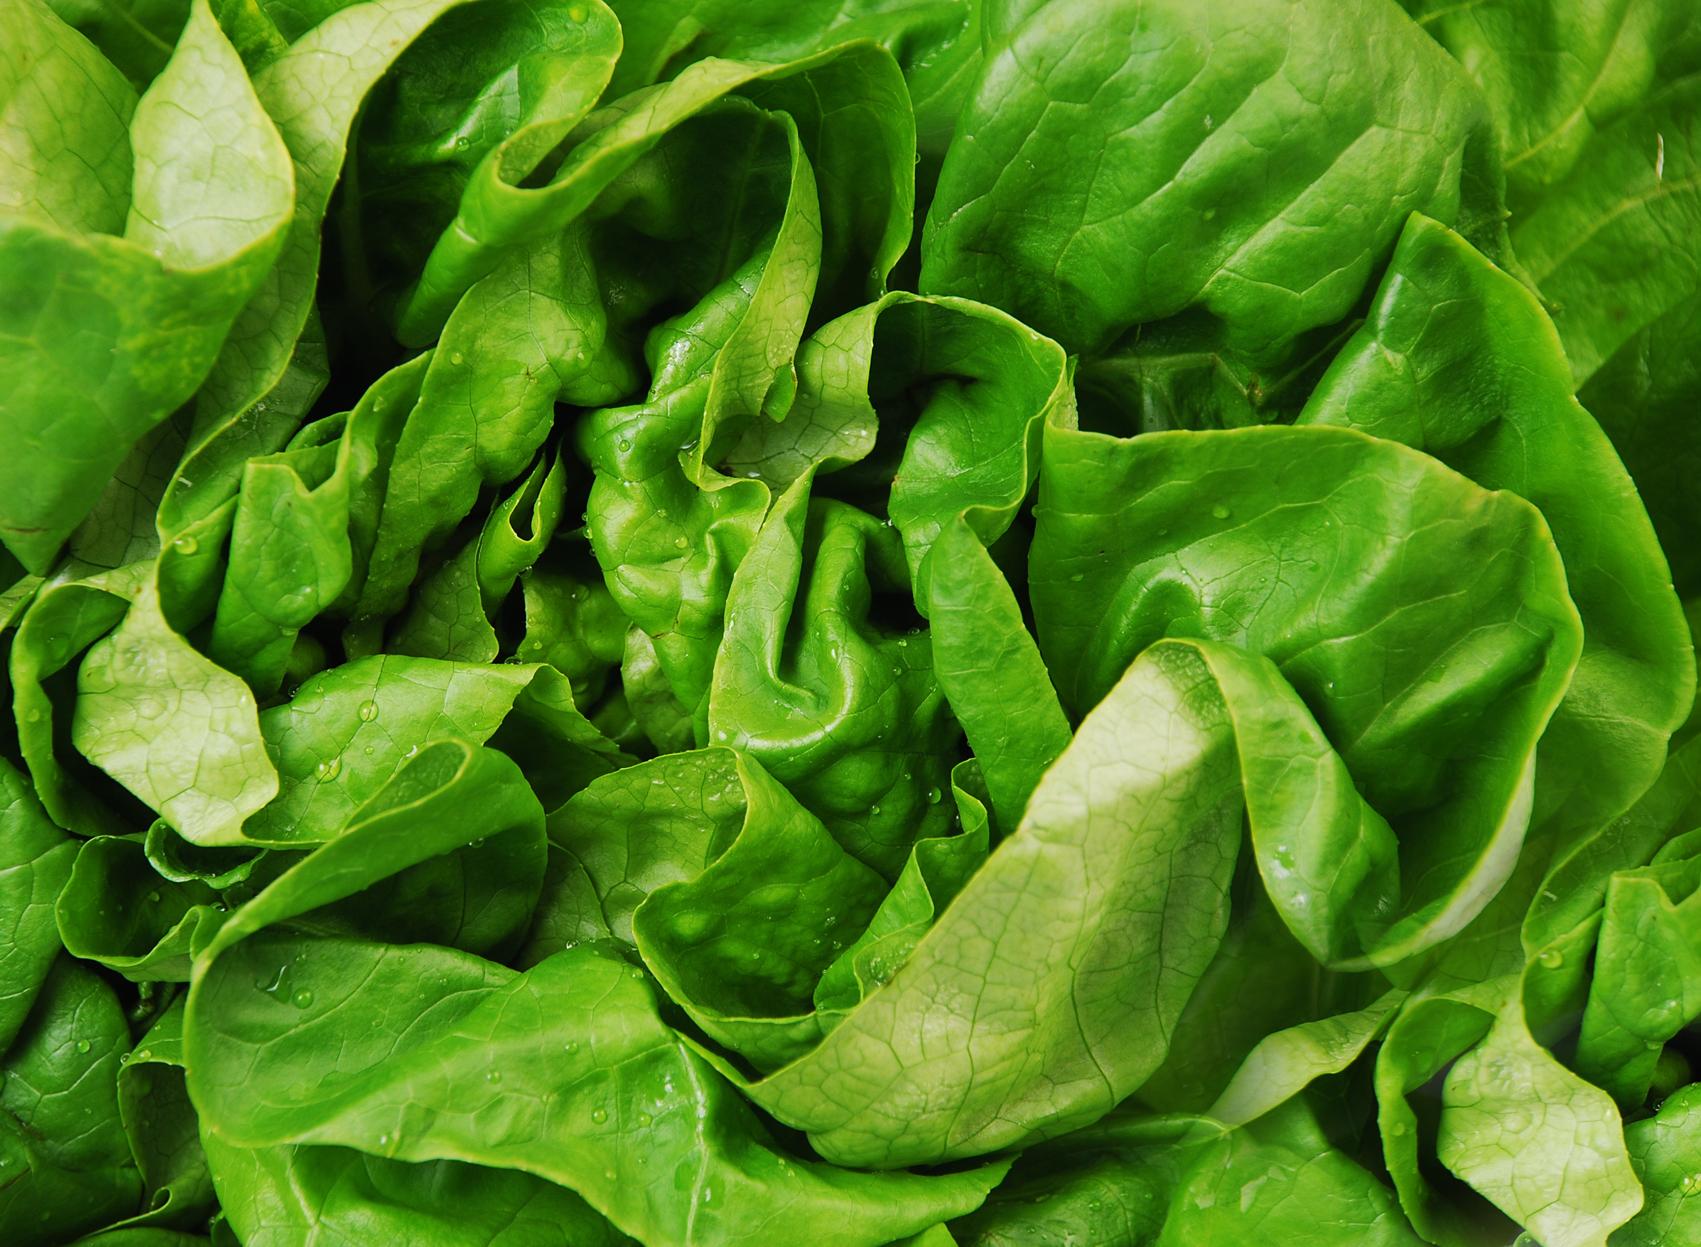 Fräsch salladsmeny och vi har öppet 11.00-20.00 alla dagar